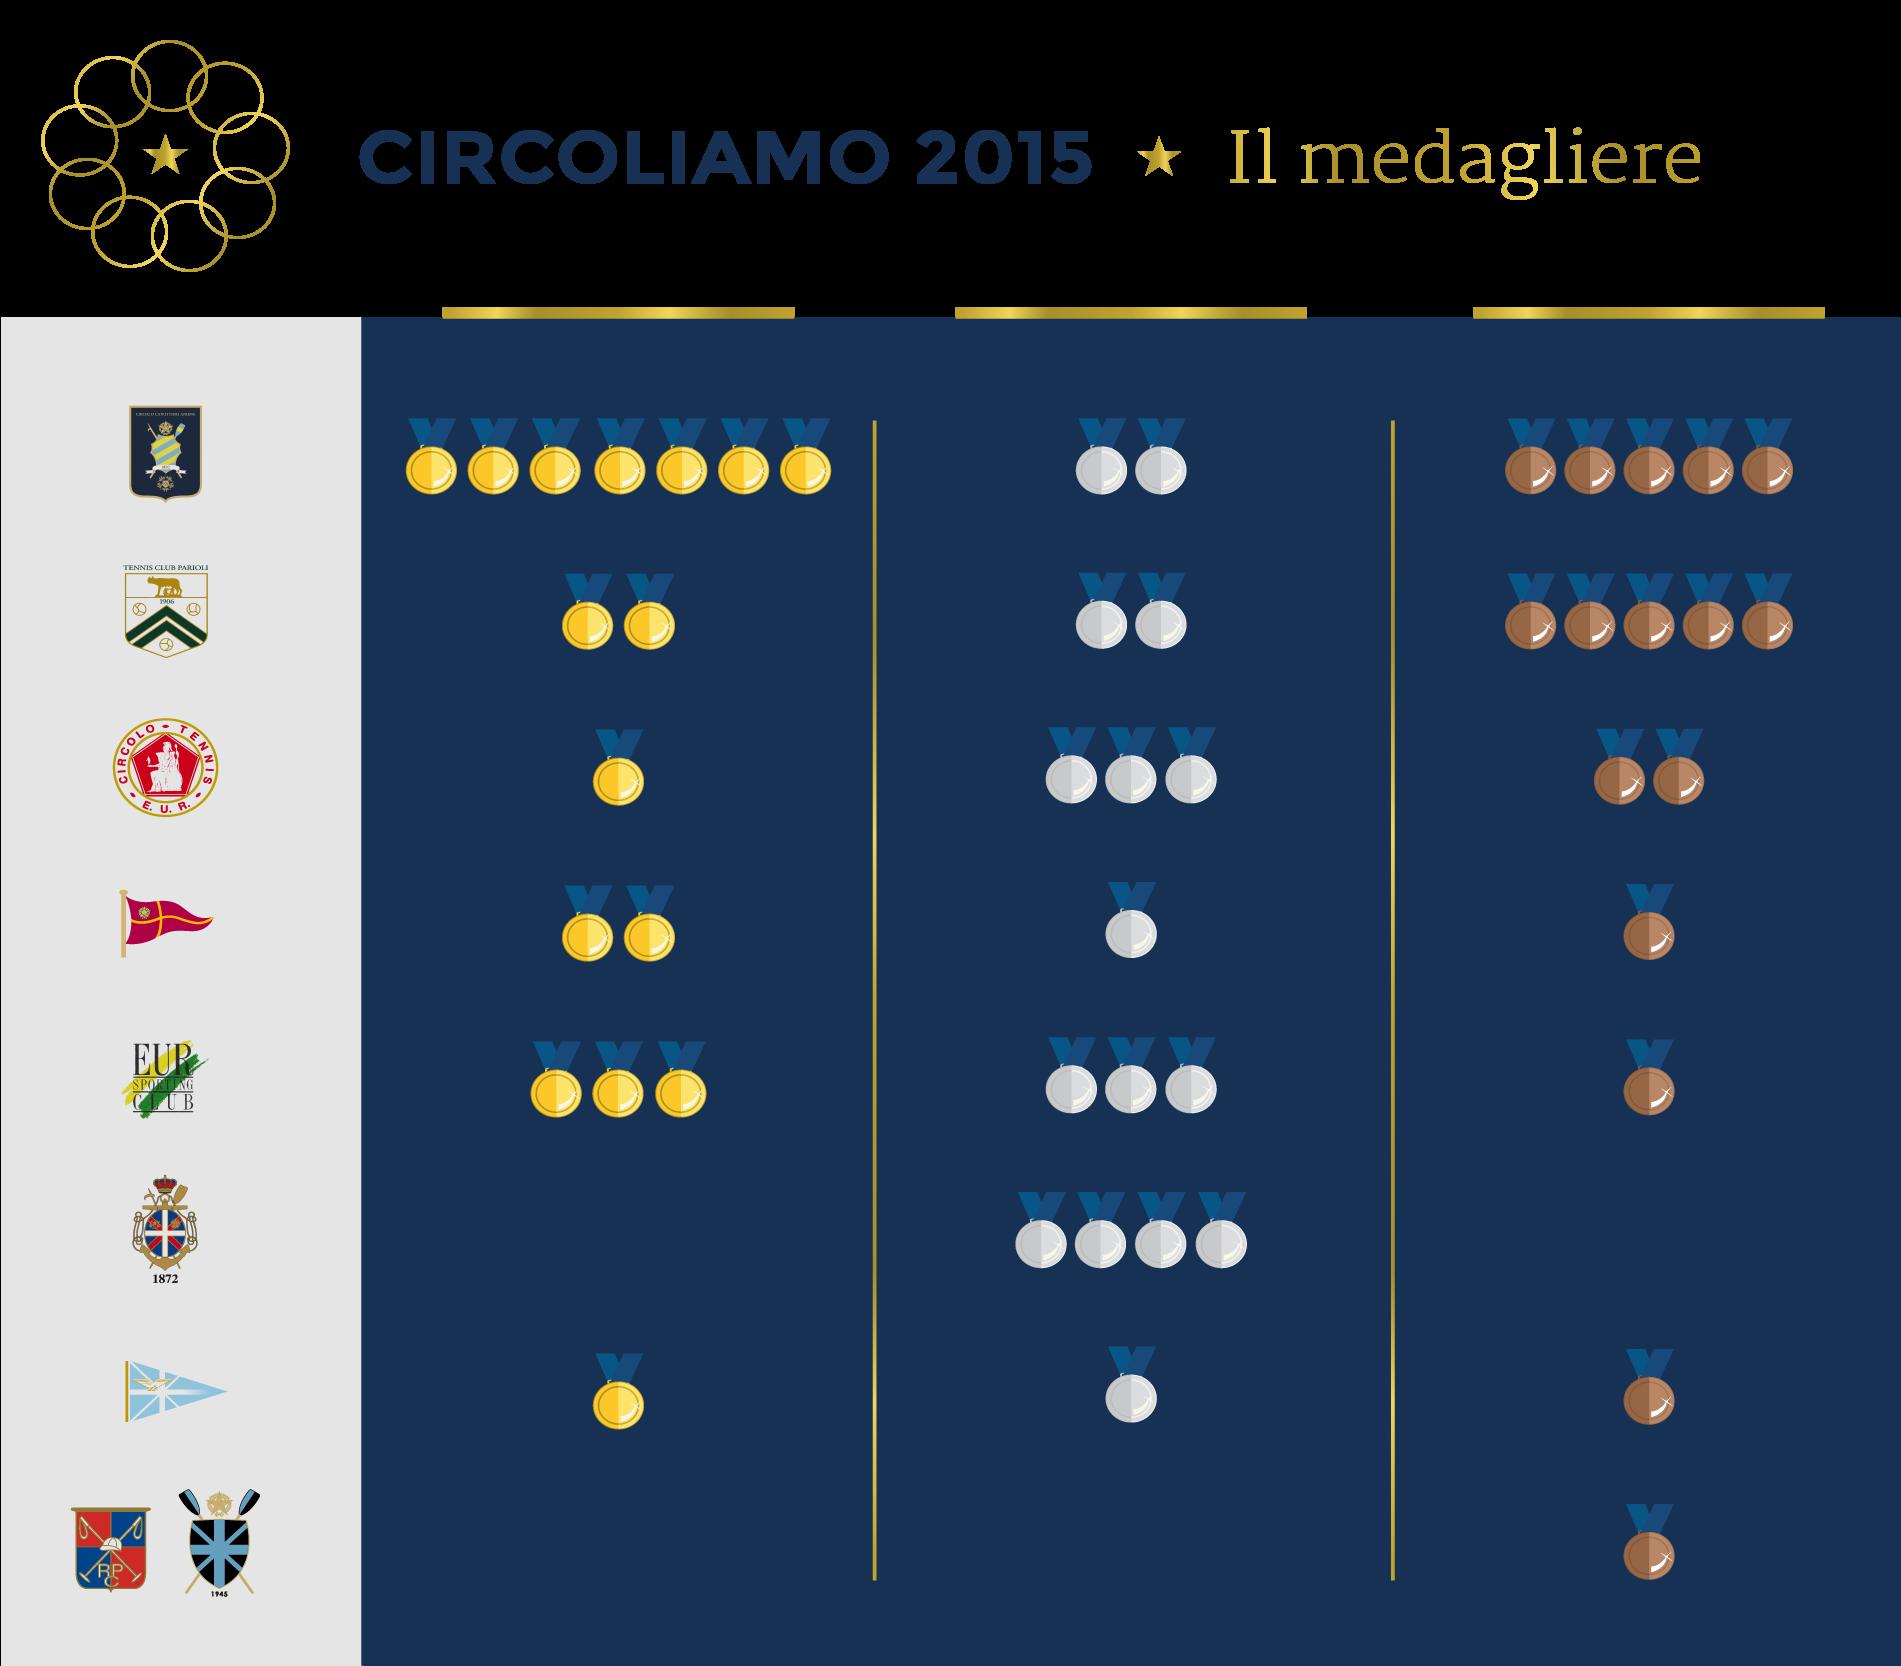 20151012-Circoliamo-medagliere (1)